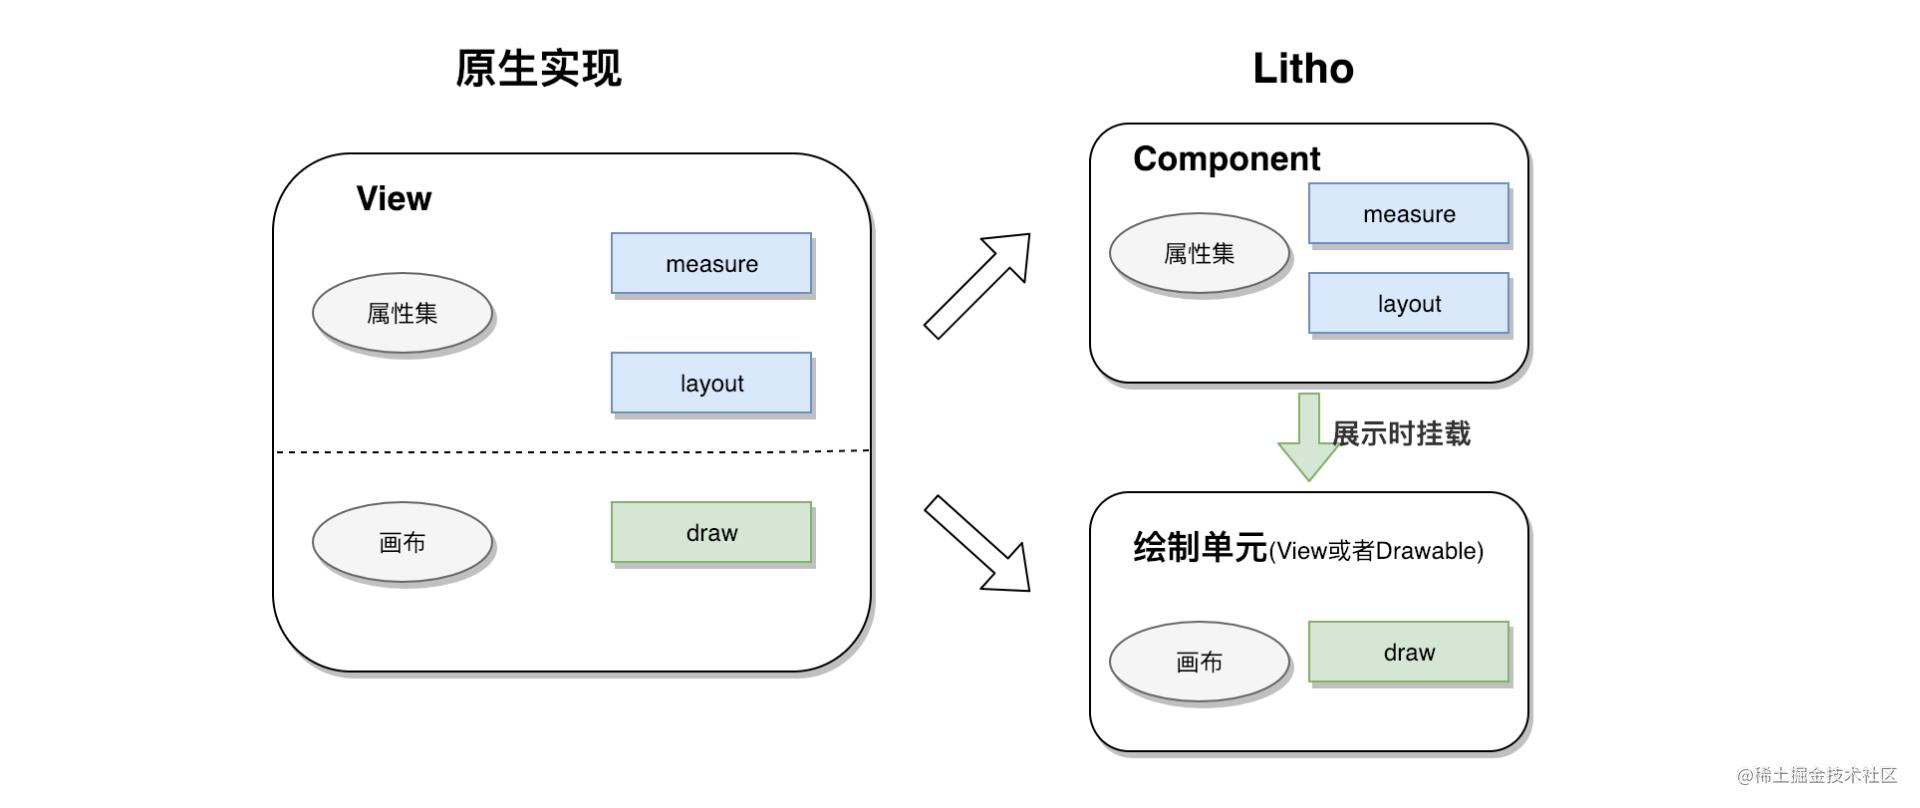 图10 Litho对View功能的拆分